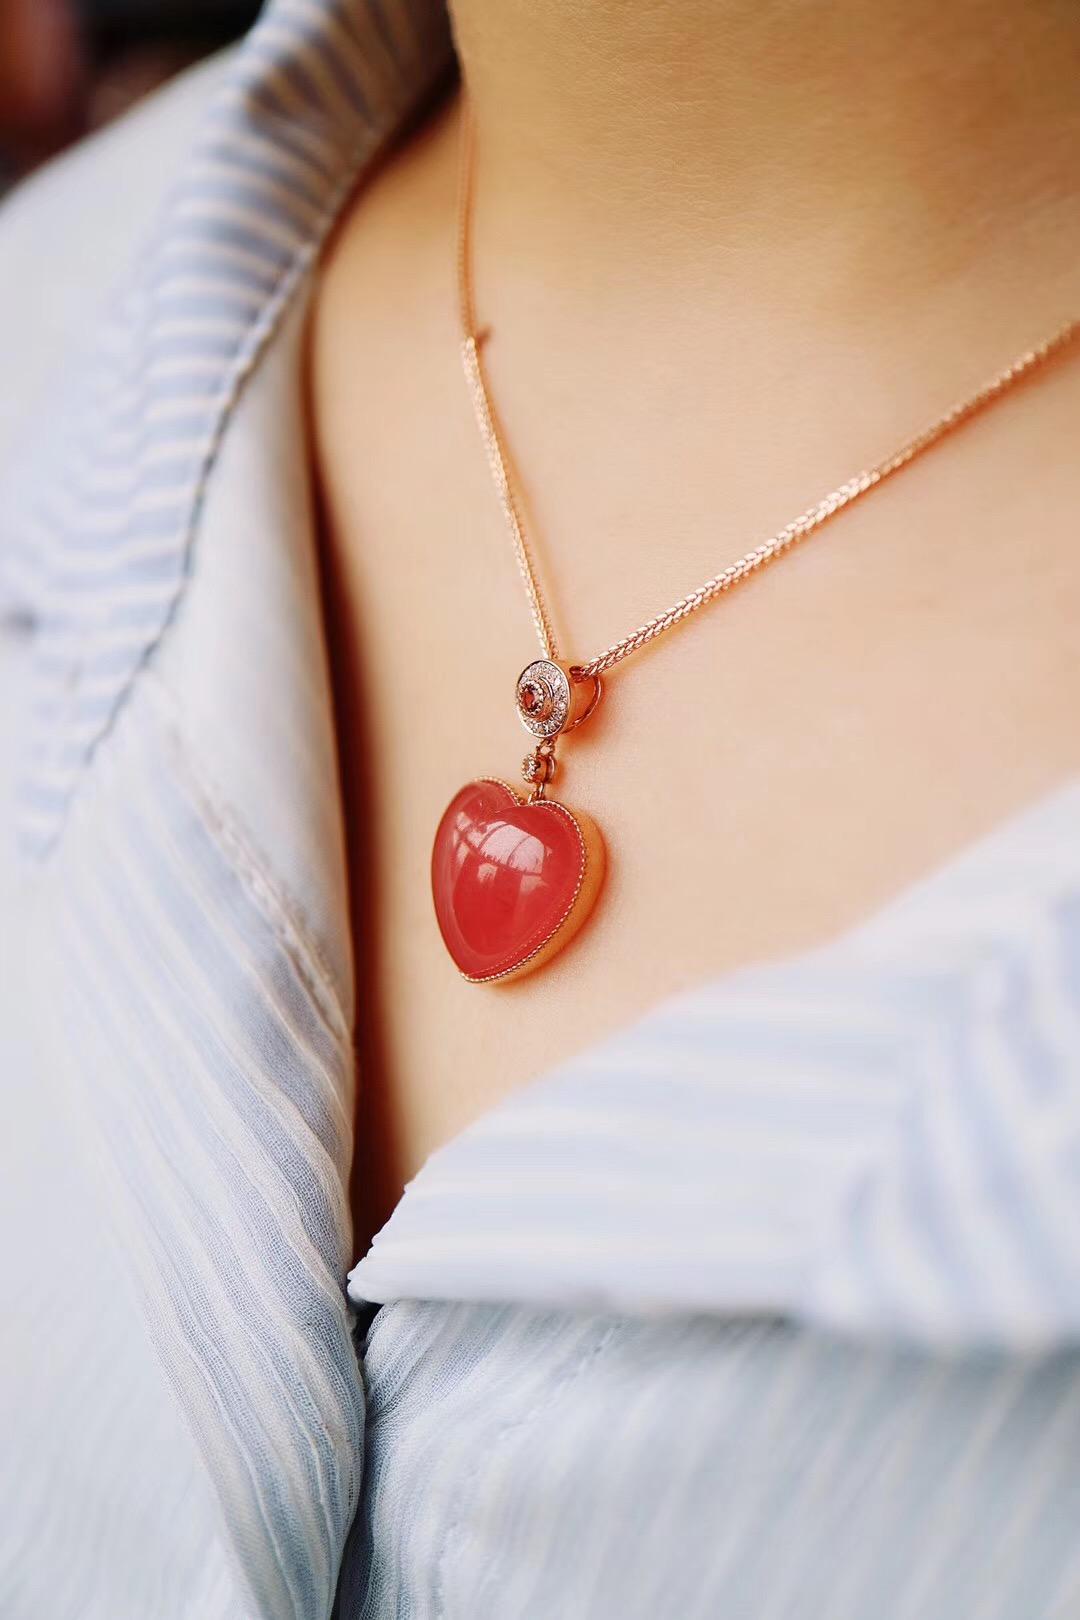 【菩心-红纹石】红纹石,是无论如何设计,都不会有审美疲劳的一种晶石-菩心晶舍